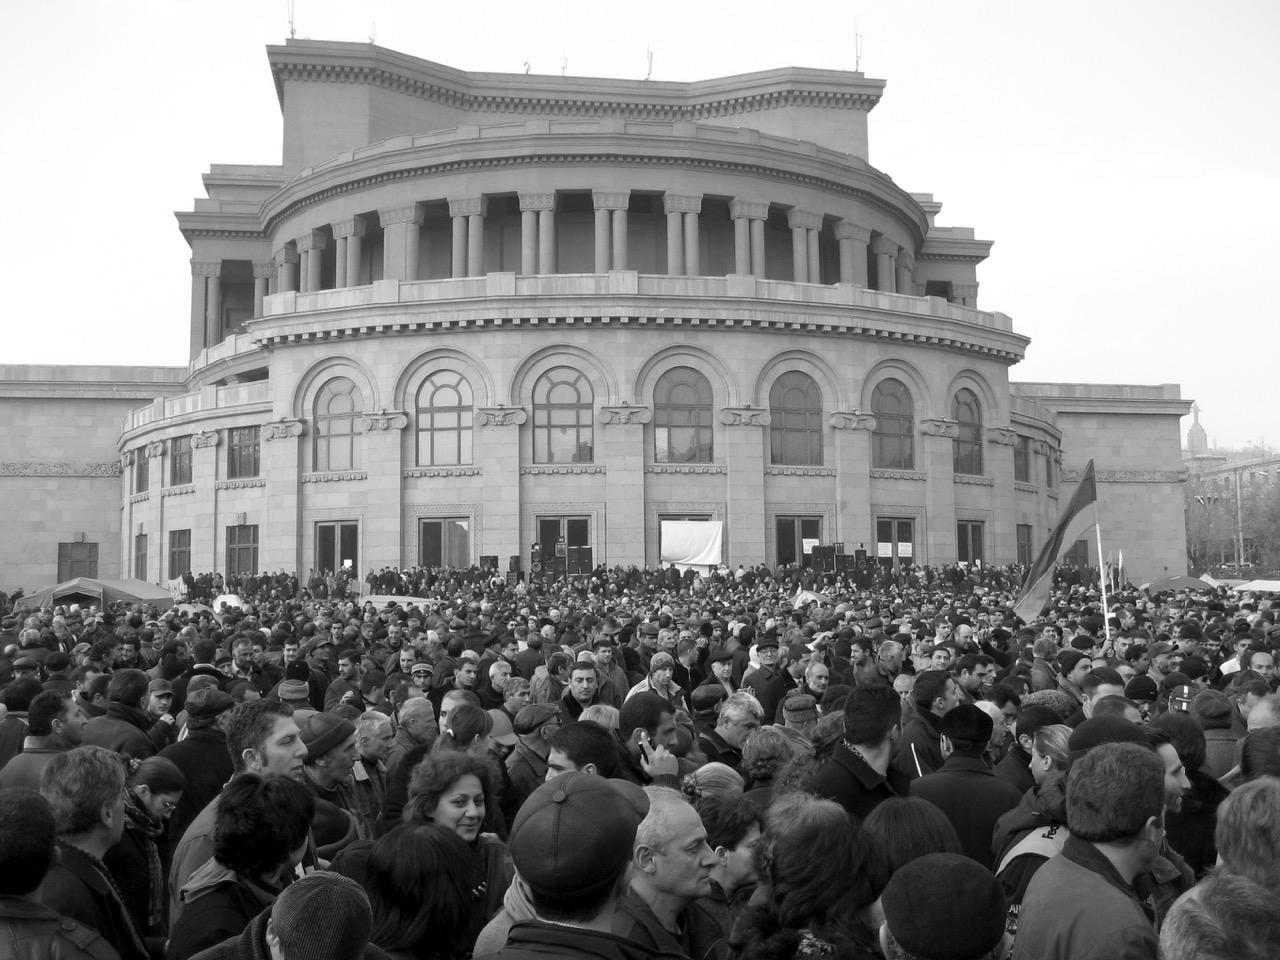 Foto: Republiksplatz. Aus: Eriwan. Kapitel 3. Aufzeichnungen aus Armenien von Marc Degens.